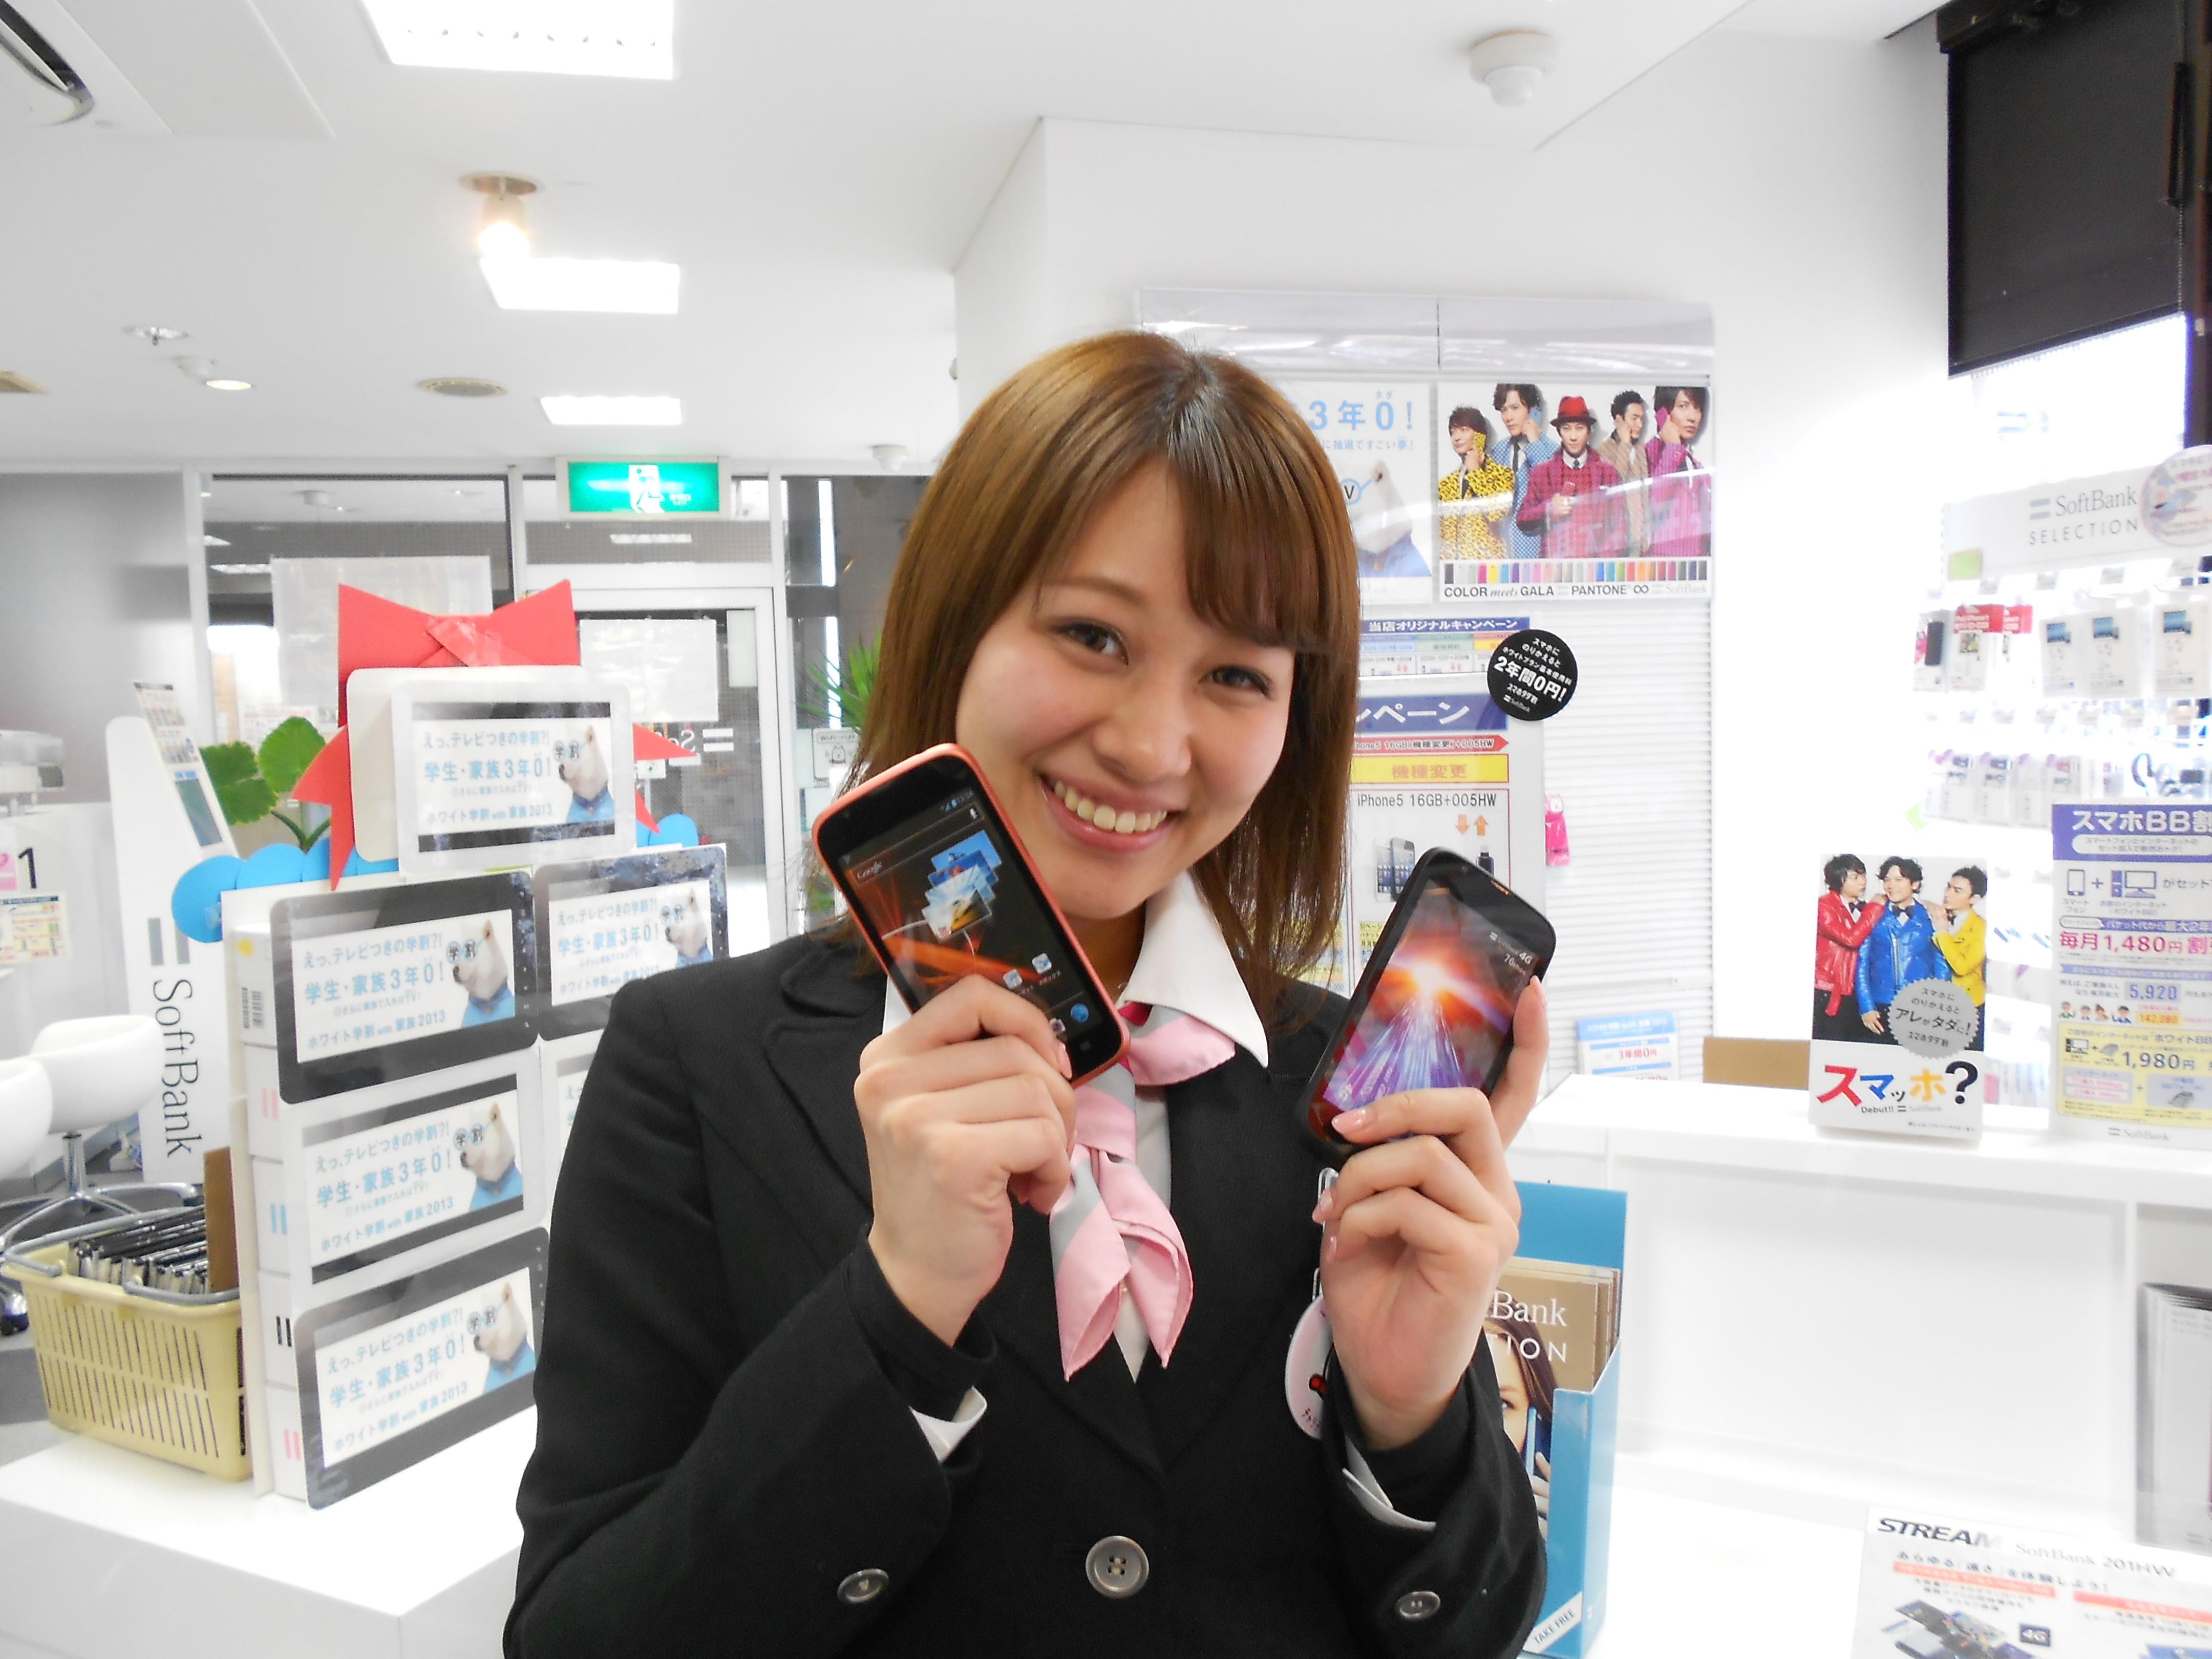 ソフトバンク カメリアガーデン幸田店(株式会社シエロ)のアルバイト情報